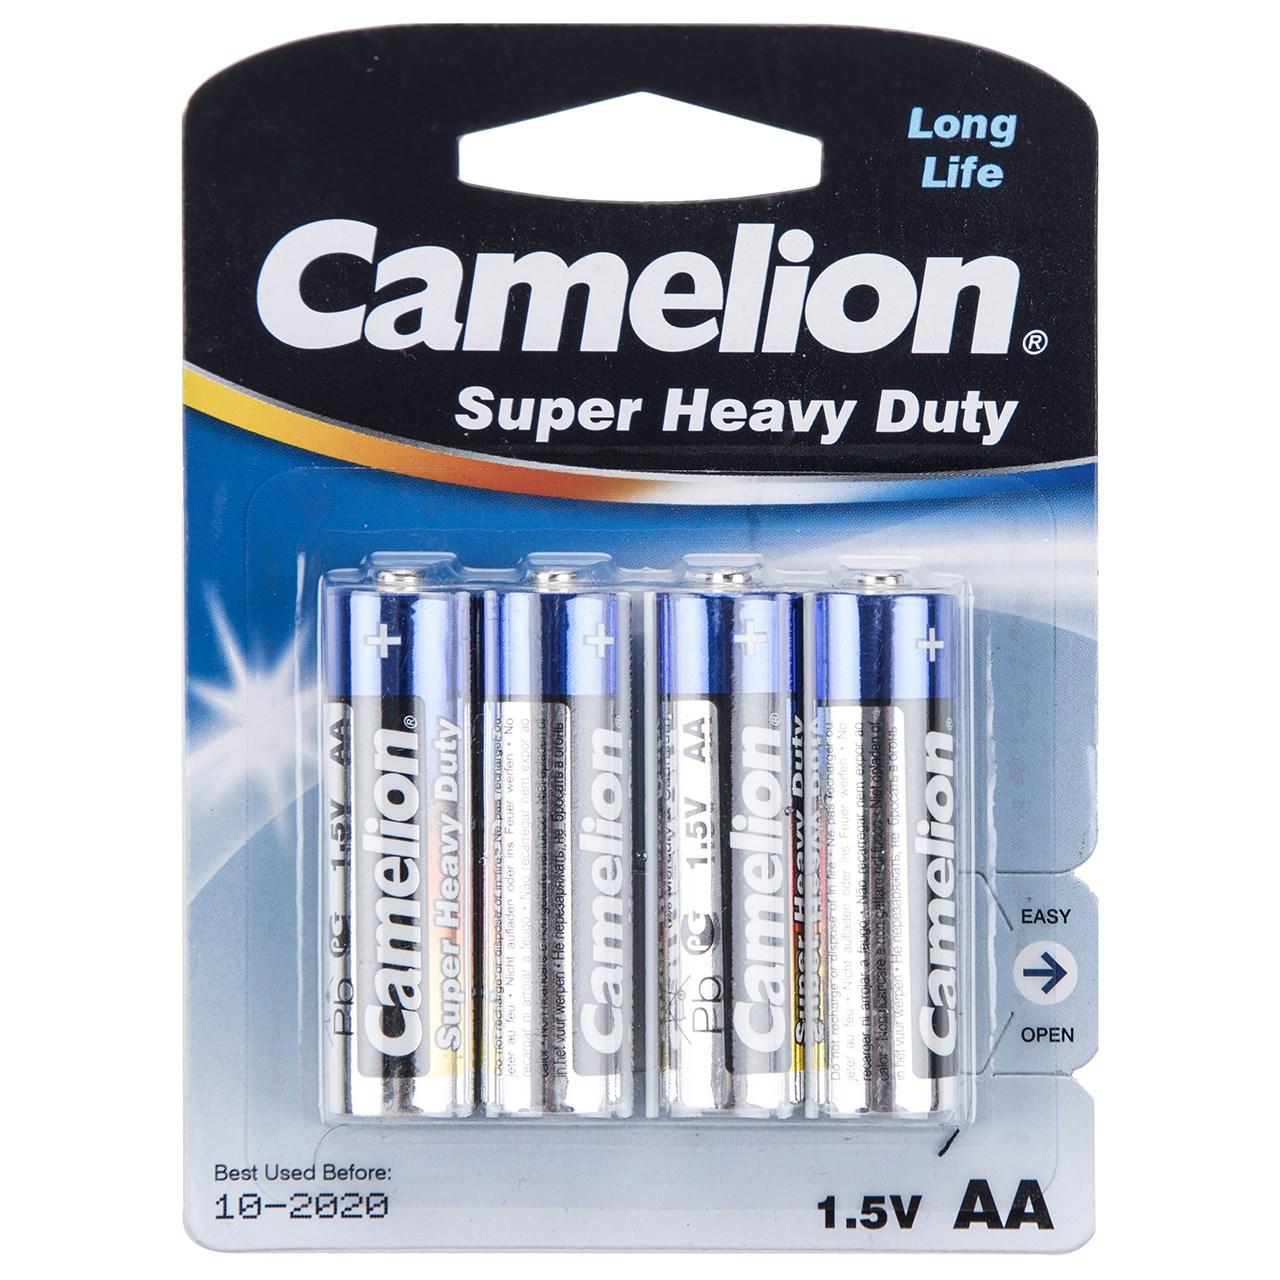 باتری قلمی کملیون مدل Super Heavy Duty بسته 4 عددی thumb